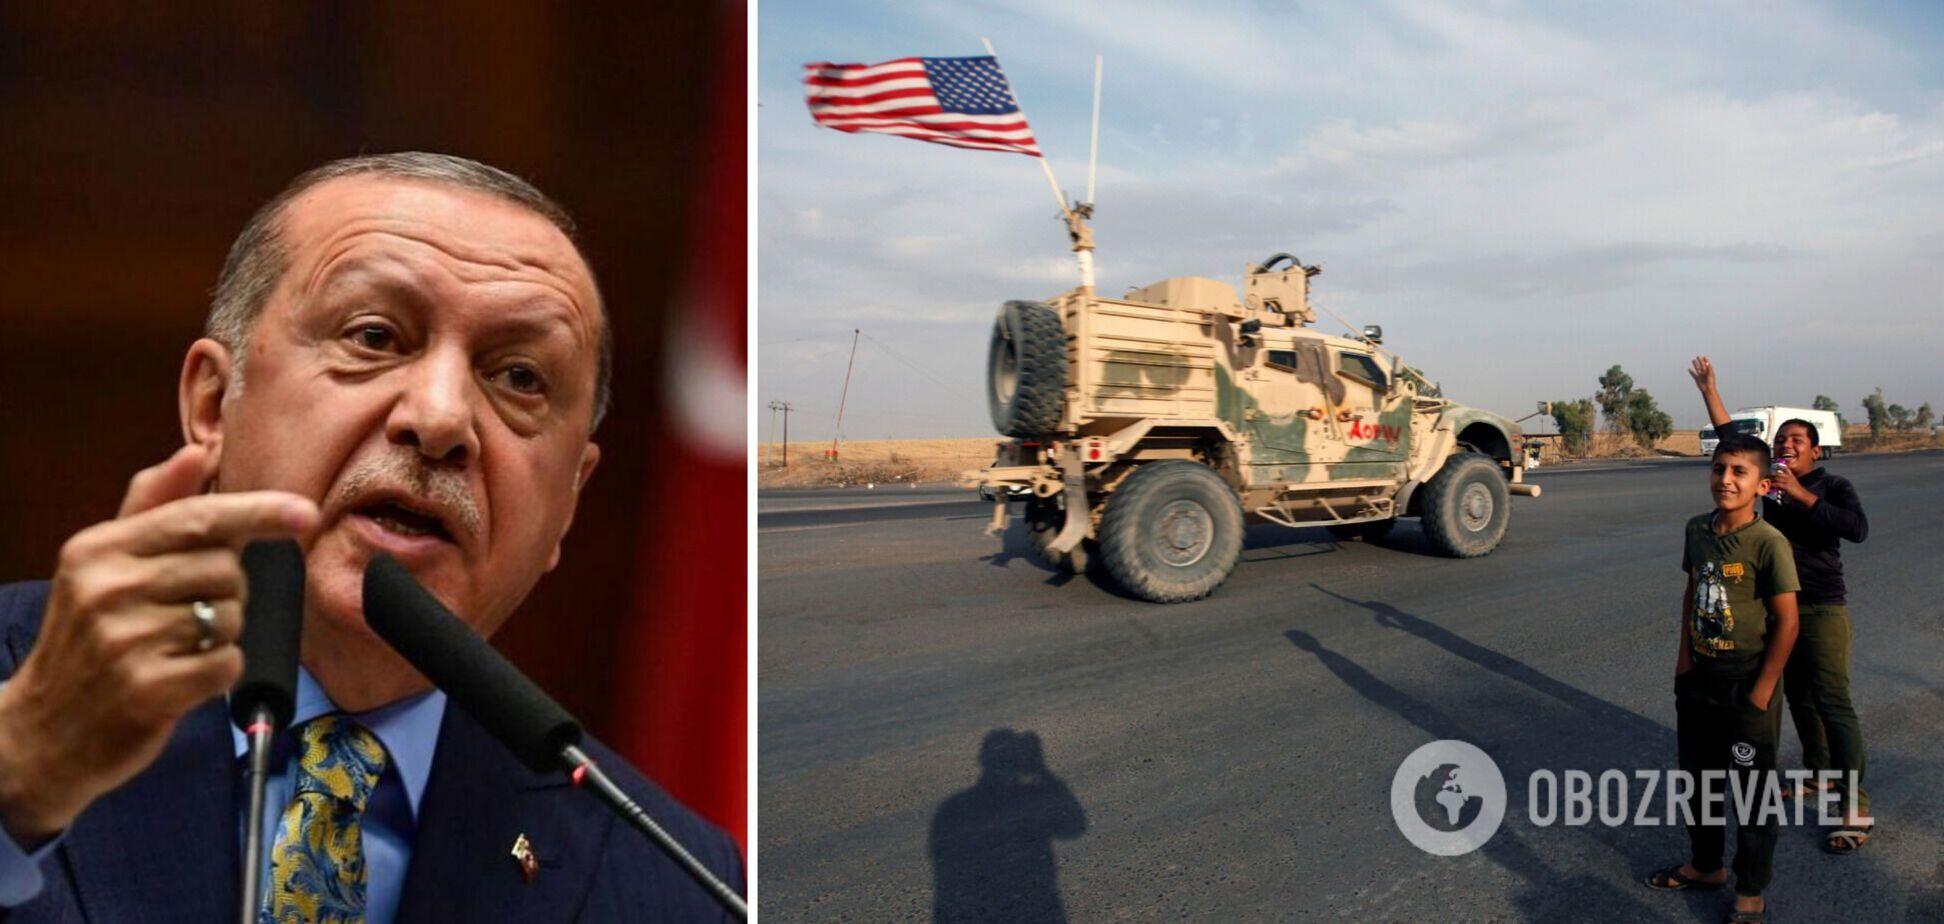 Эрдоган предложил США вслед за Афганистаном вывести армию из Сирии и Ирака